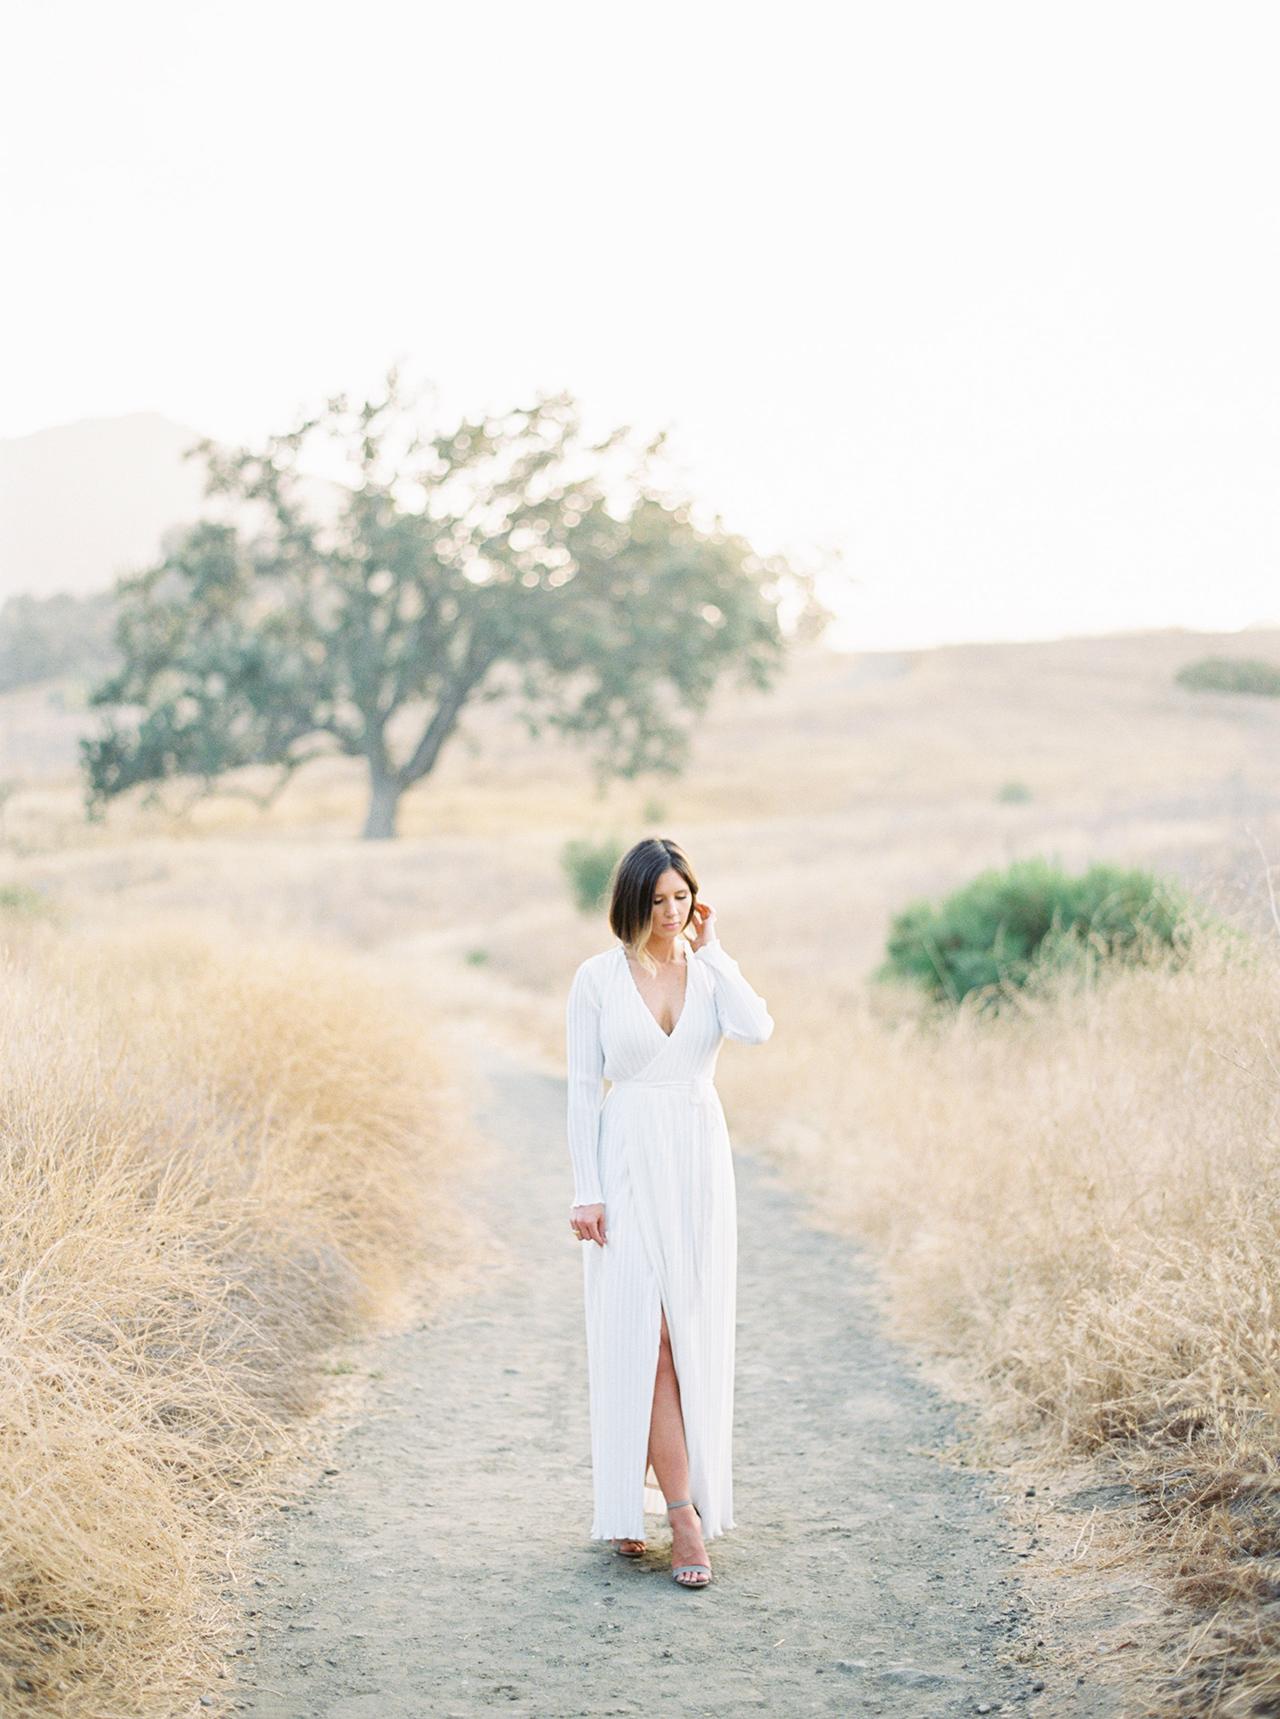 woman walking down sand bath long white v-neck dress